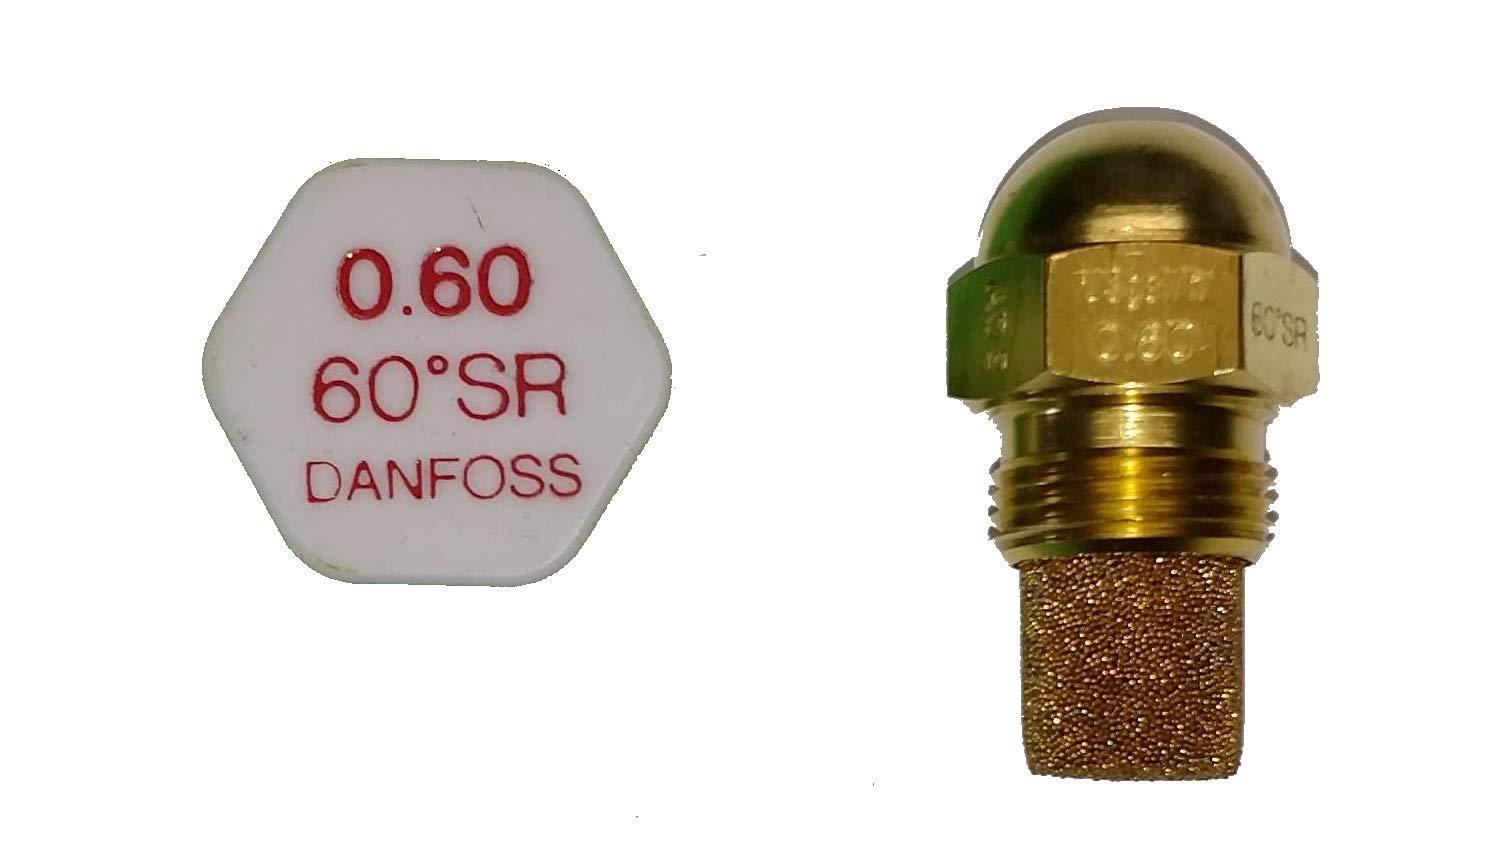 60 Grad SR Danfoss Rundkopf D/üse 0.60 gph